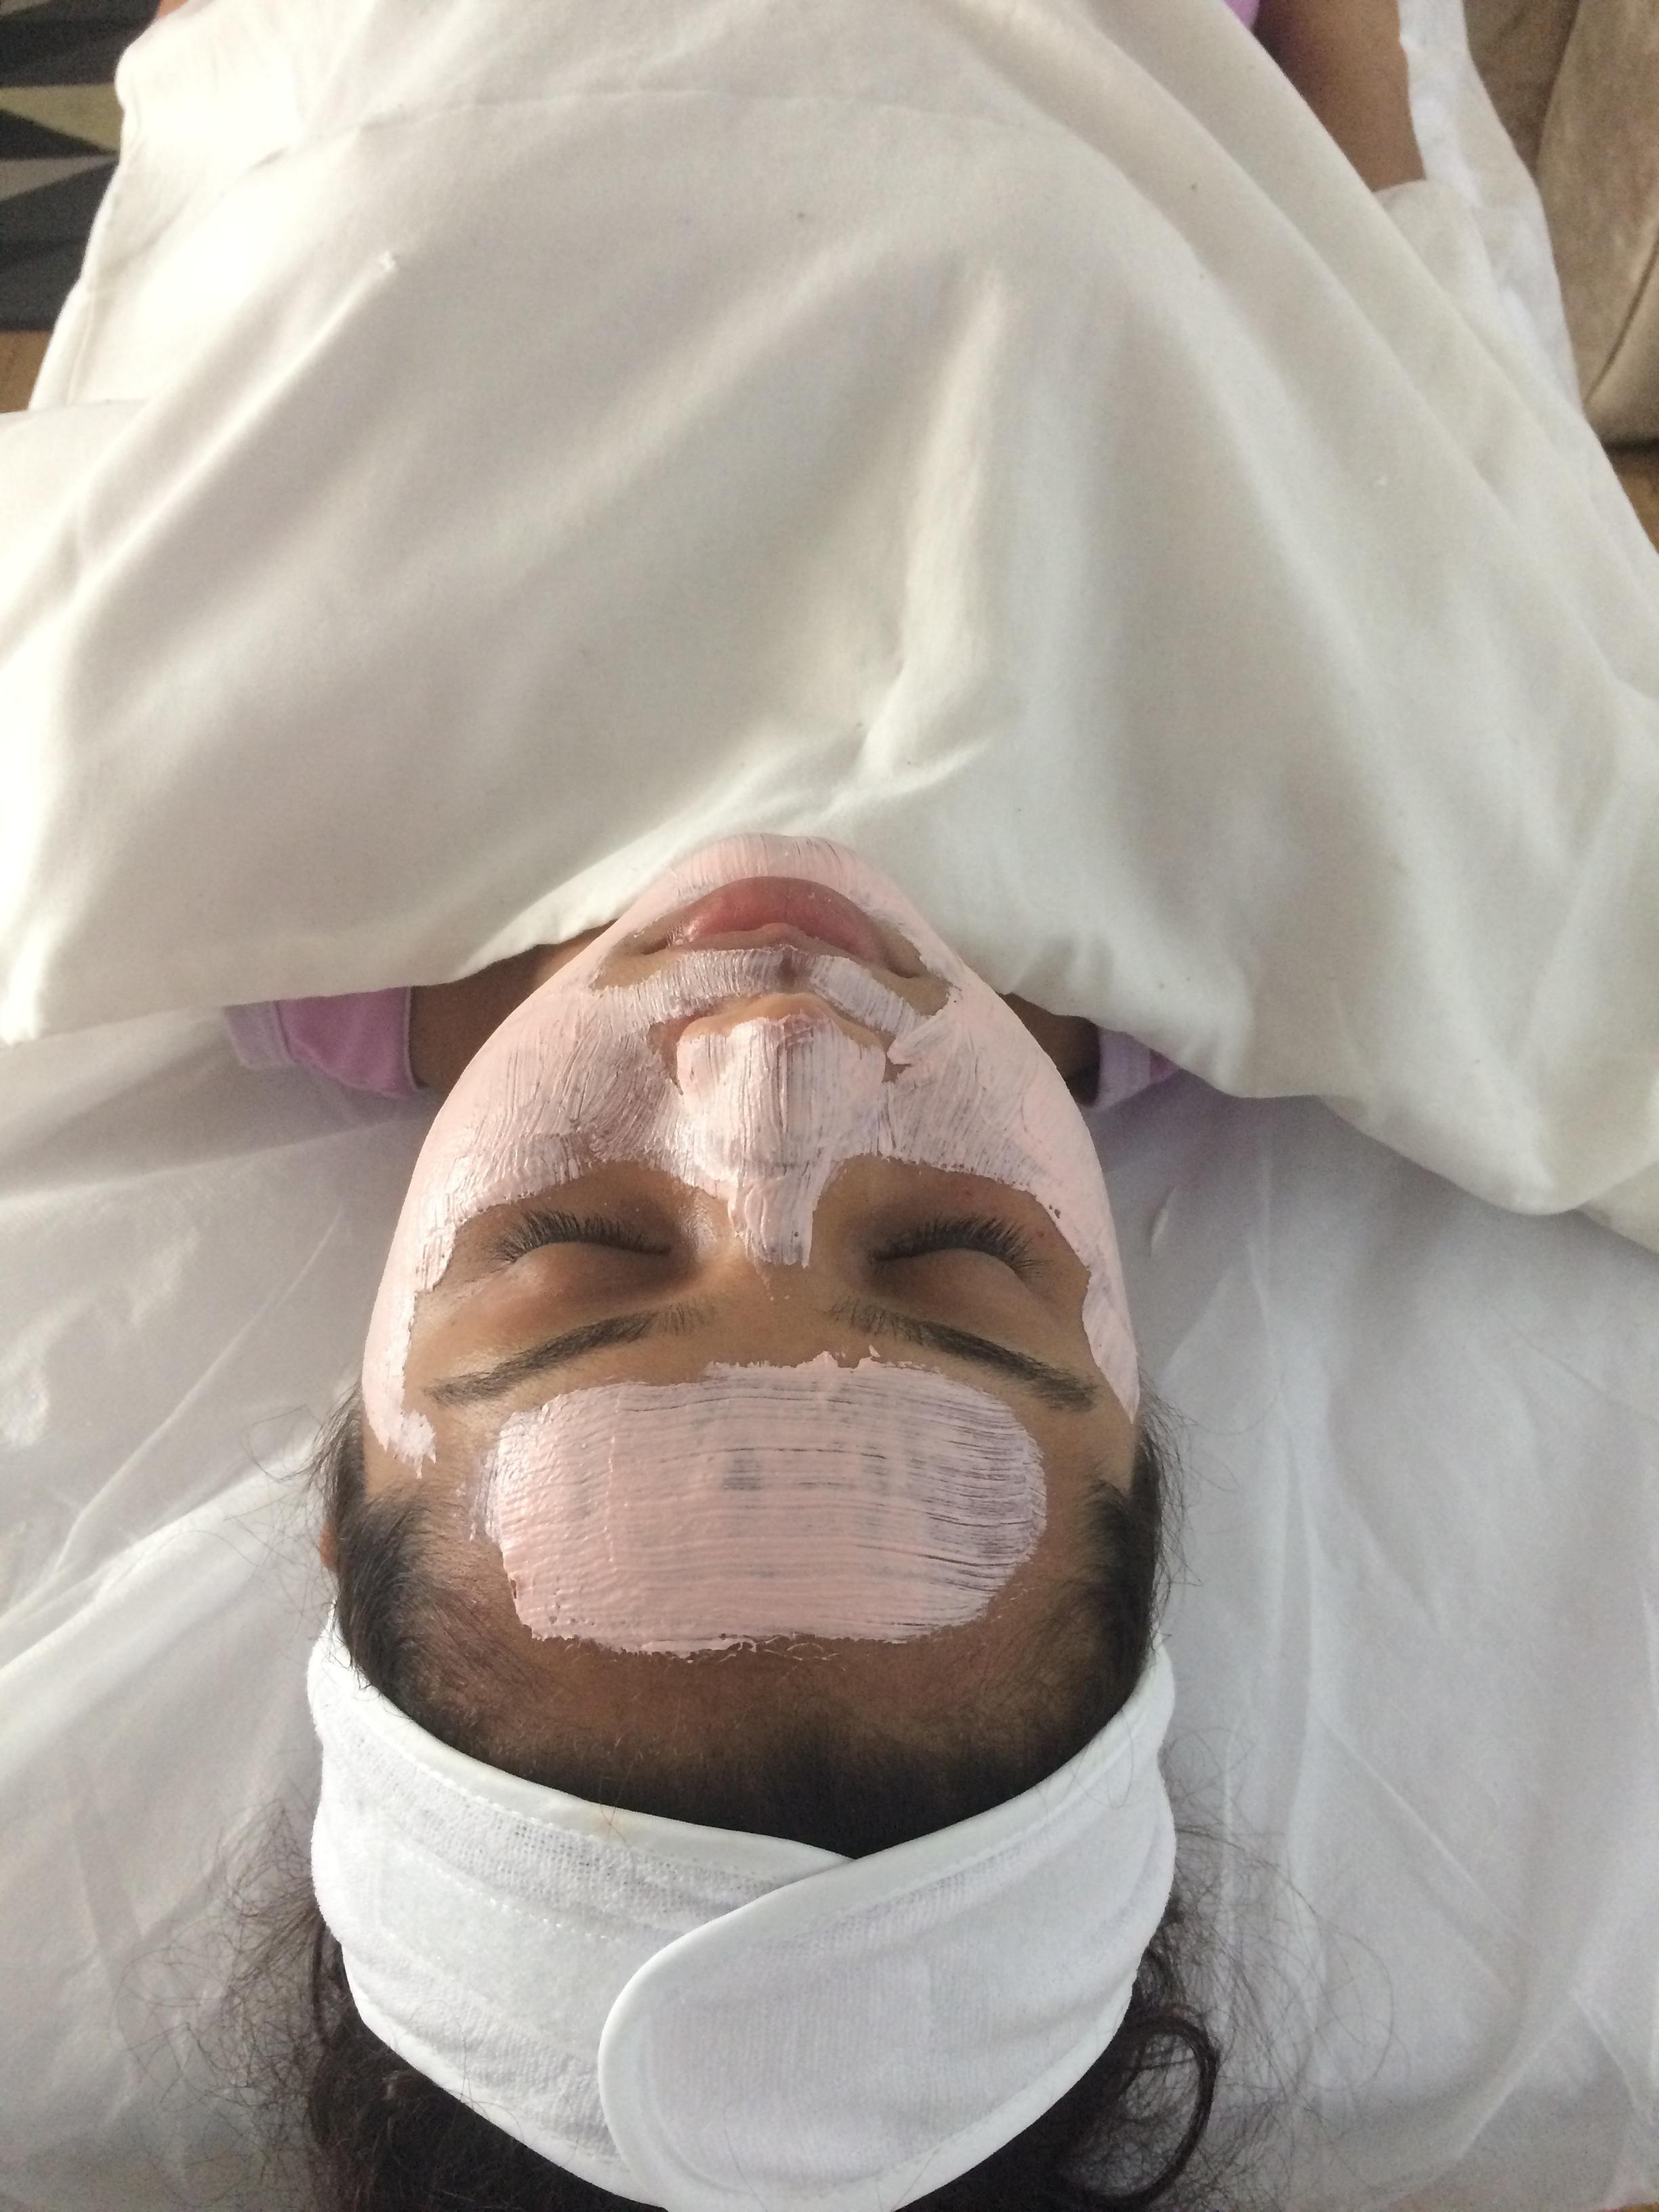 Limpeza de pele #argila estética assistente esteticista esteticista estudante (esteticista)